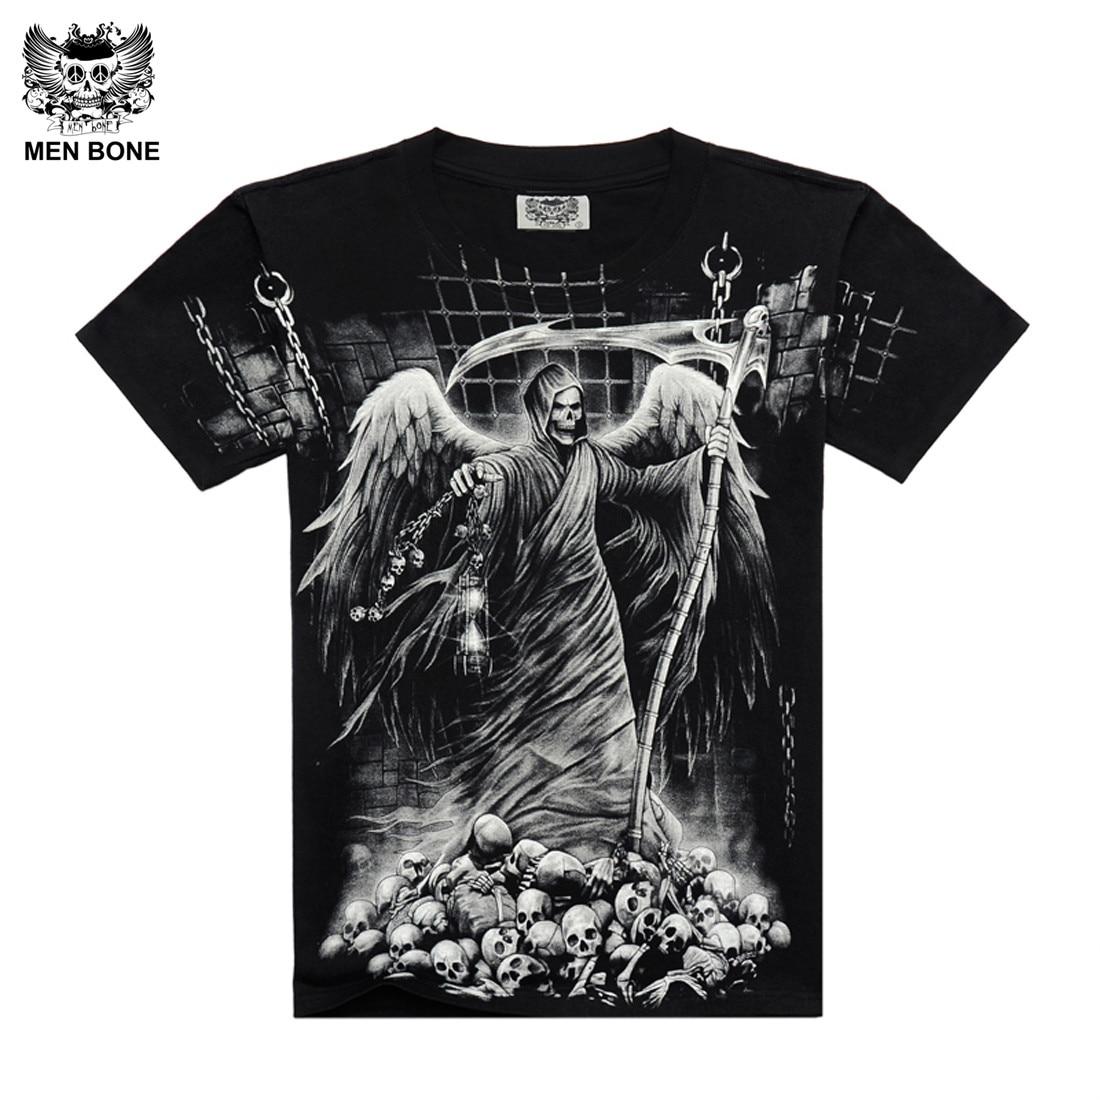 [पुरुषों की हड्डी] नई फैशन अपराध मौत की परी है पुरुषों जंगली टी शर्ट गंभीर लावक Punisher ब्लैक प्रिंट TSHirt